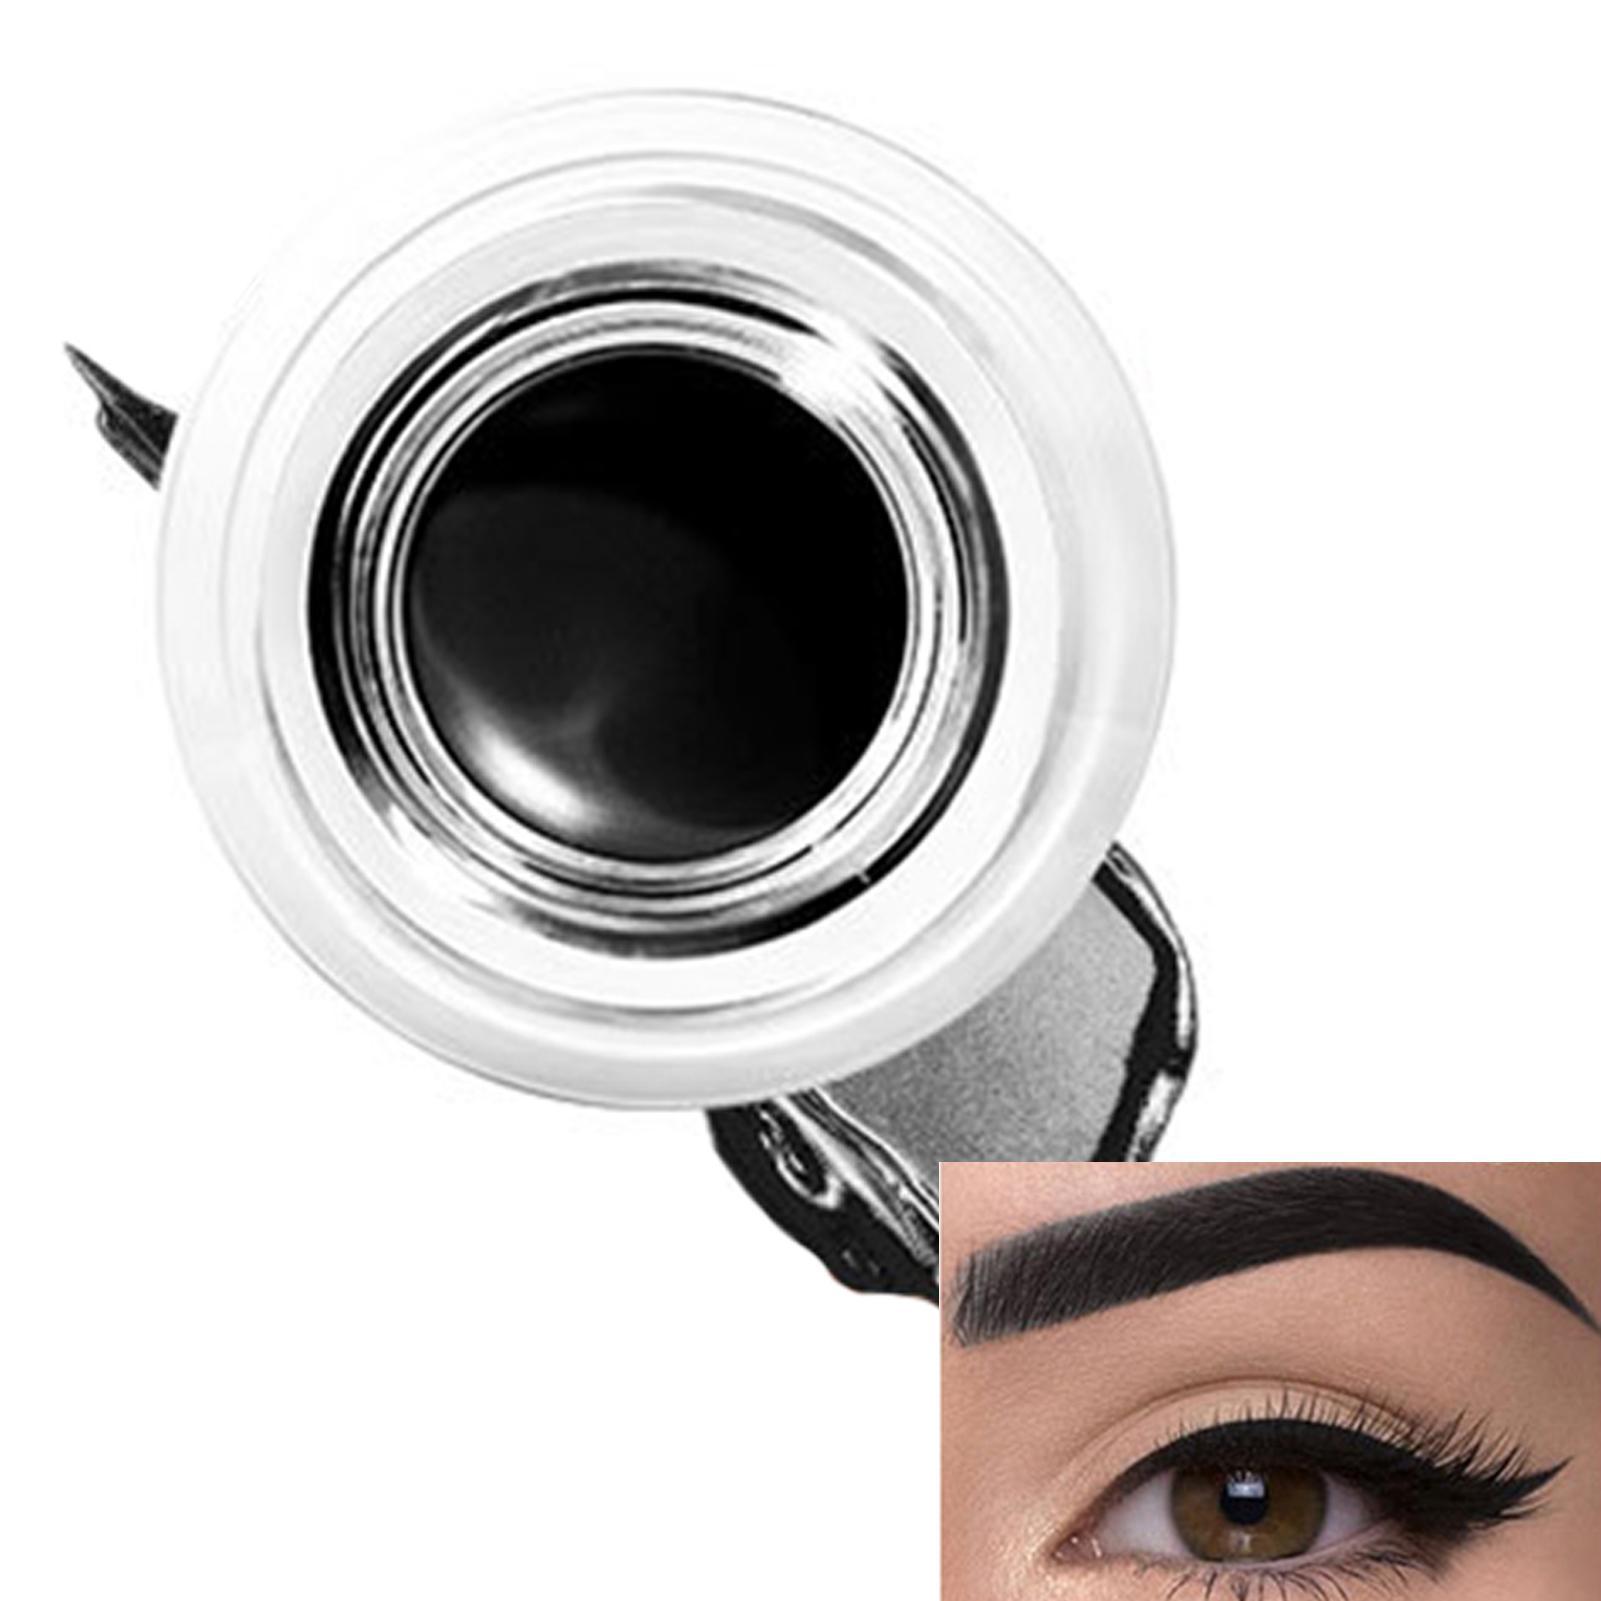 FOCALLURE Eyebrow Enhancers Cream Waterproof Eye Liner Gel Makeup Long Lasting Liquid Eyeliner Cream Eyeliner Makeup Set